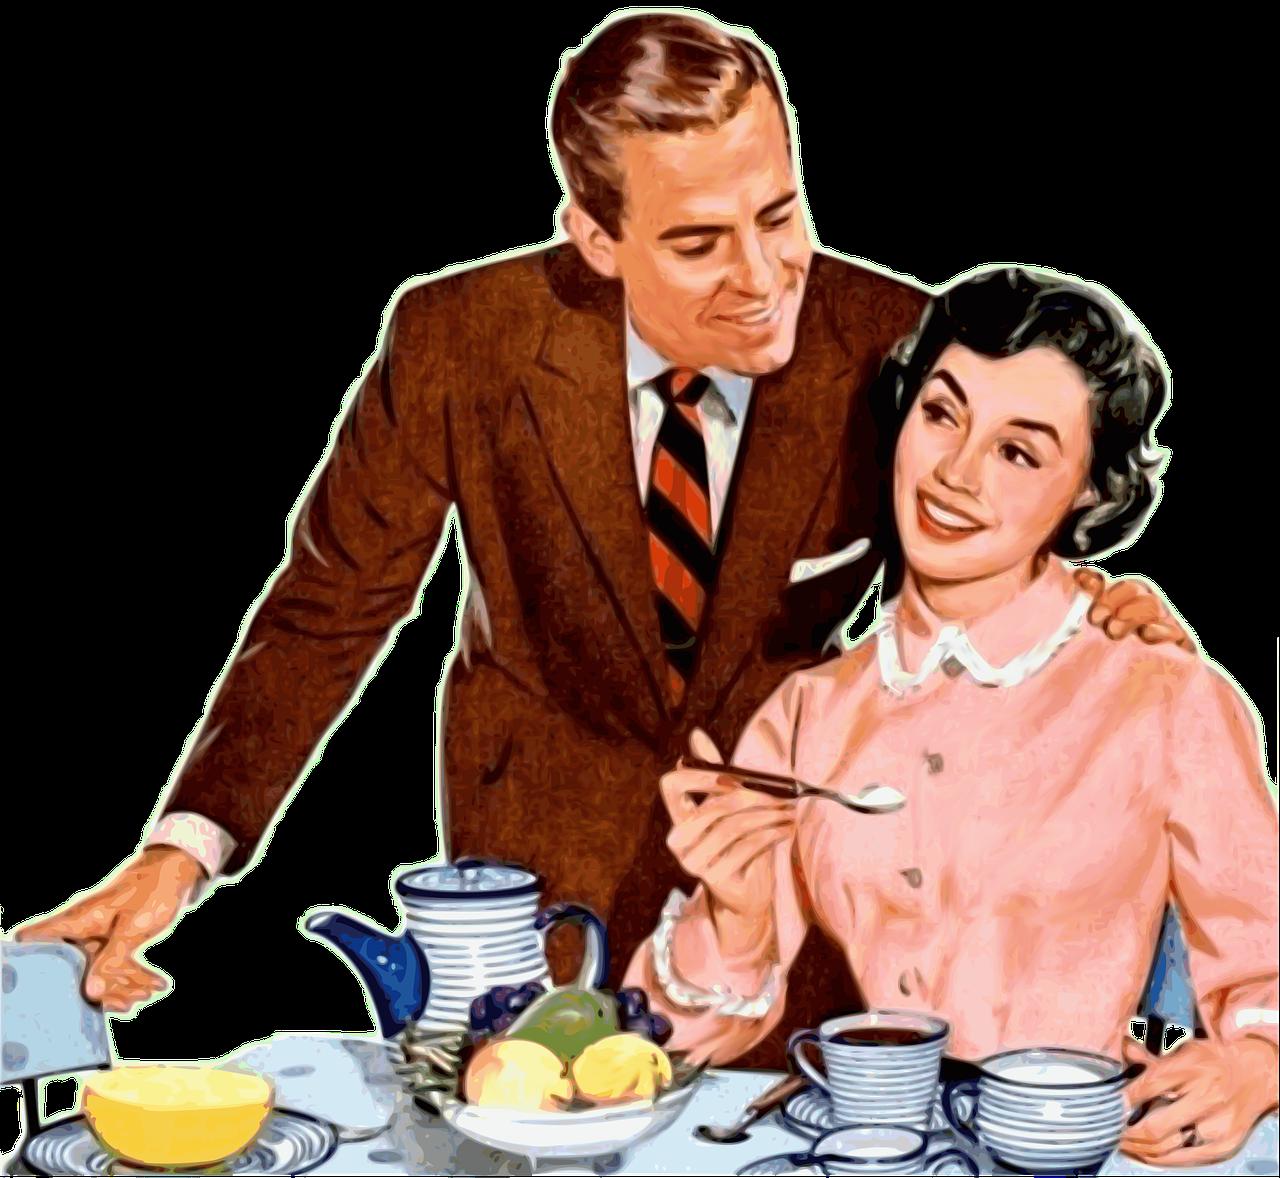 Czego kobiety szukają w mężczyznach?